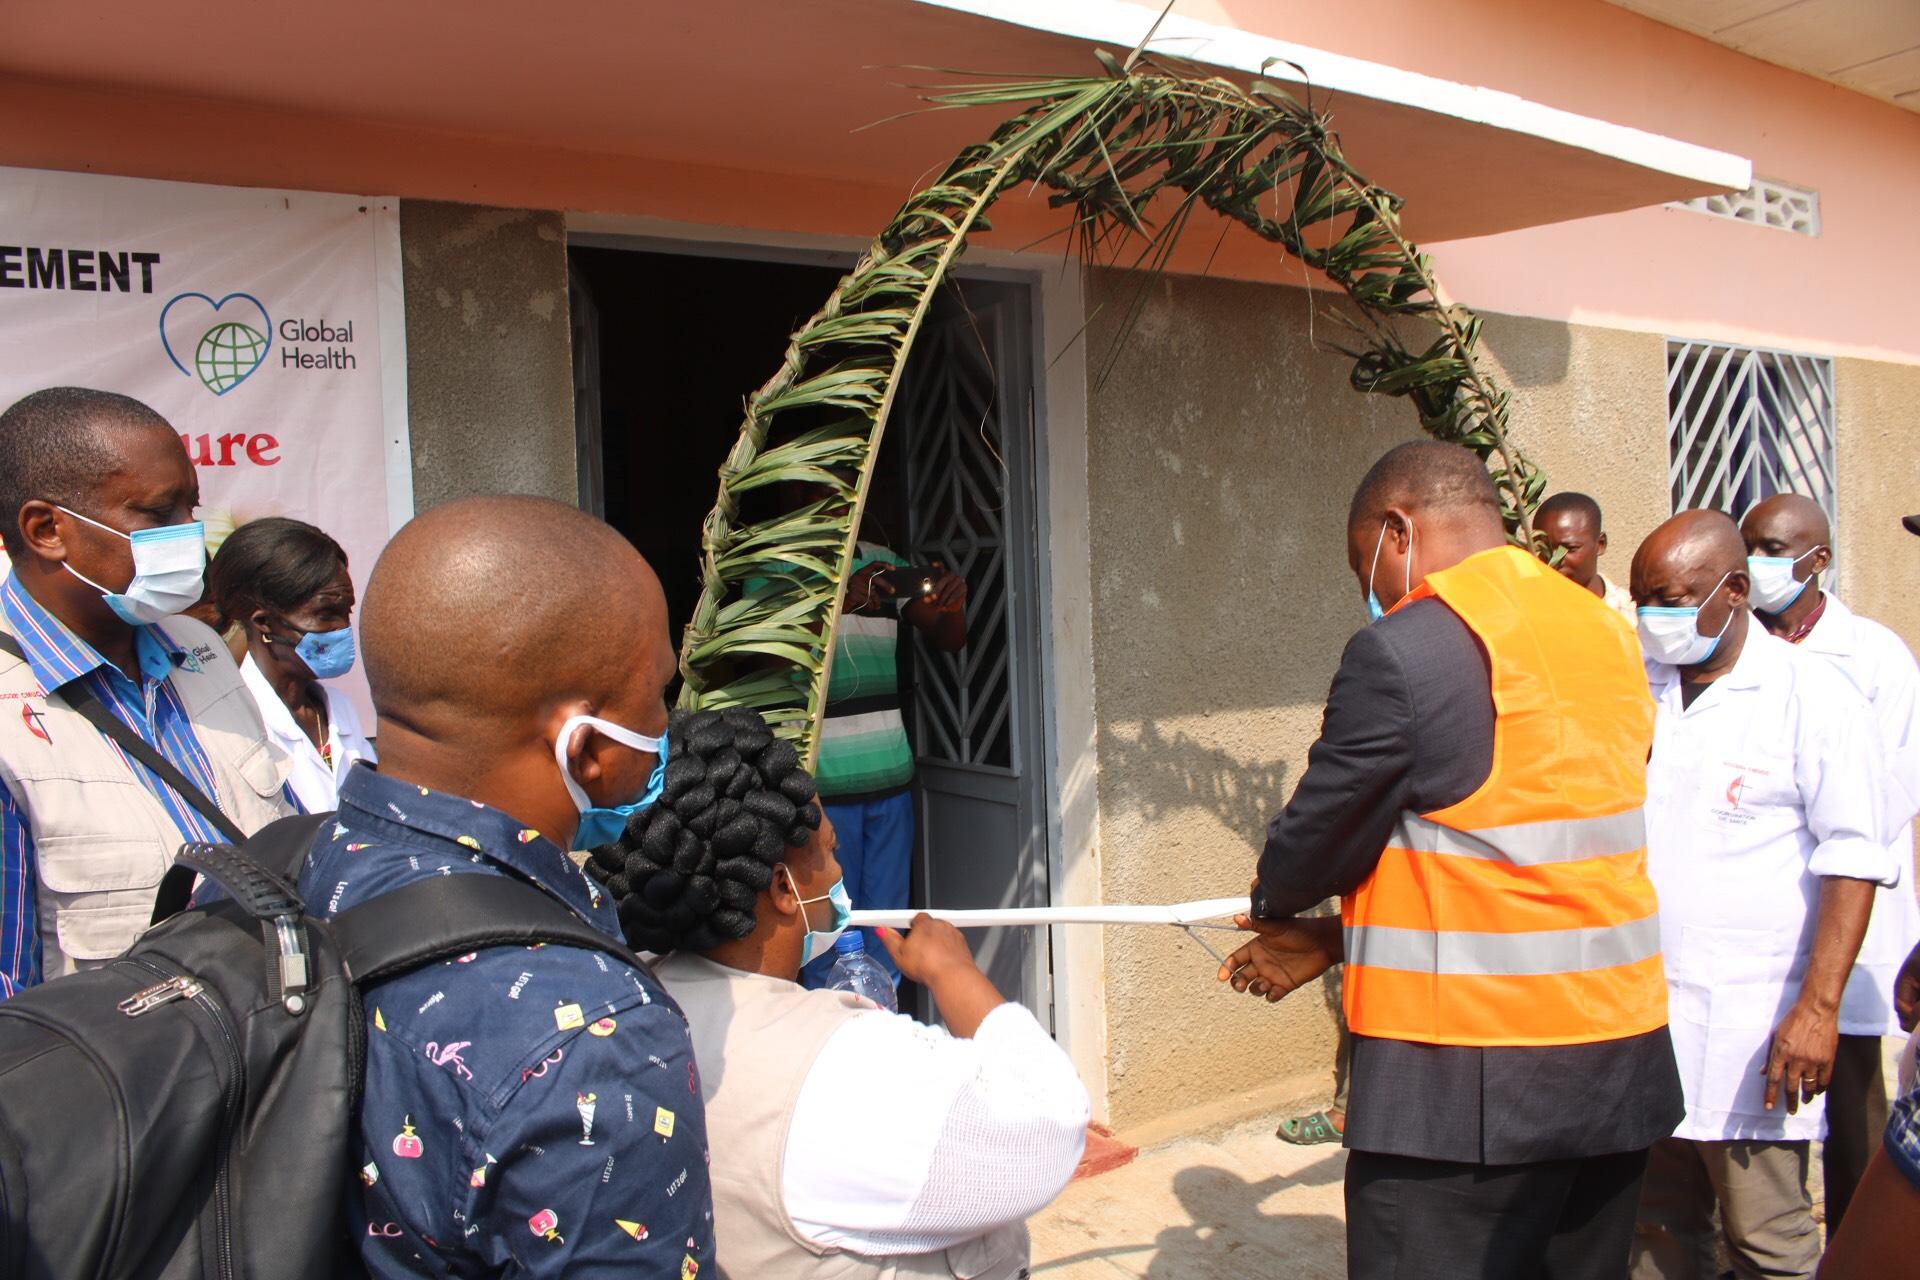 L'Evêque Méthodiste Unie Daniel Lunge lors de la coupure du ruban symbolique marquant l'inauguration de la maternité de Dingele. Global Health a financé la construction et l'équipement de cette maternité pour permettre à plus de 18 000 femmes d'accoucher dans des conditions acceptables. Photo de François Omanyondo.